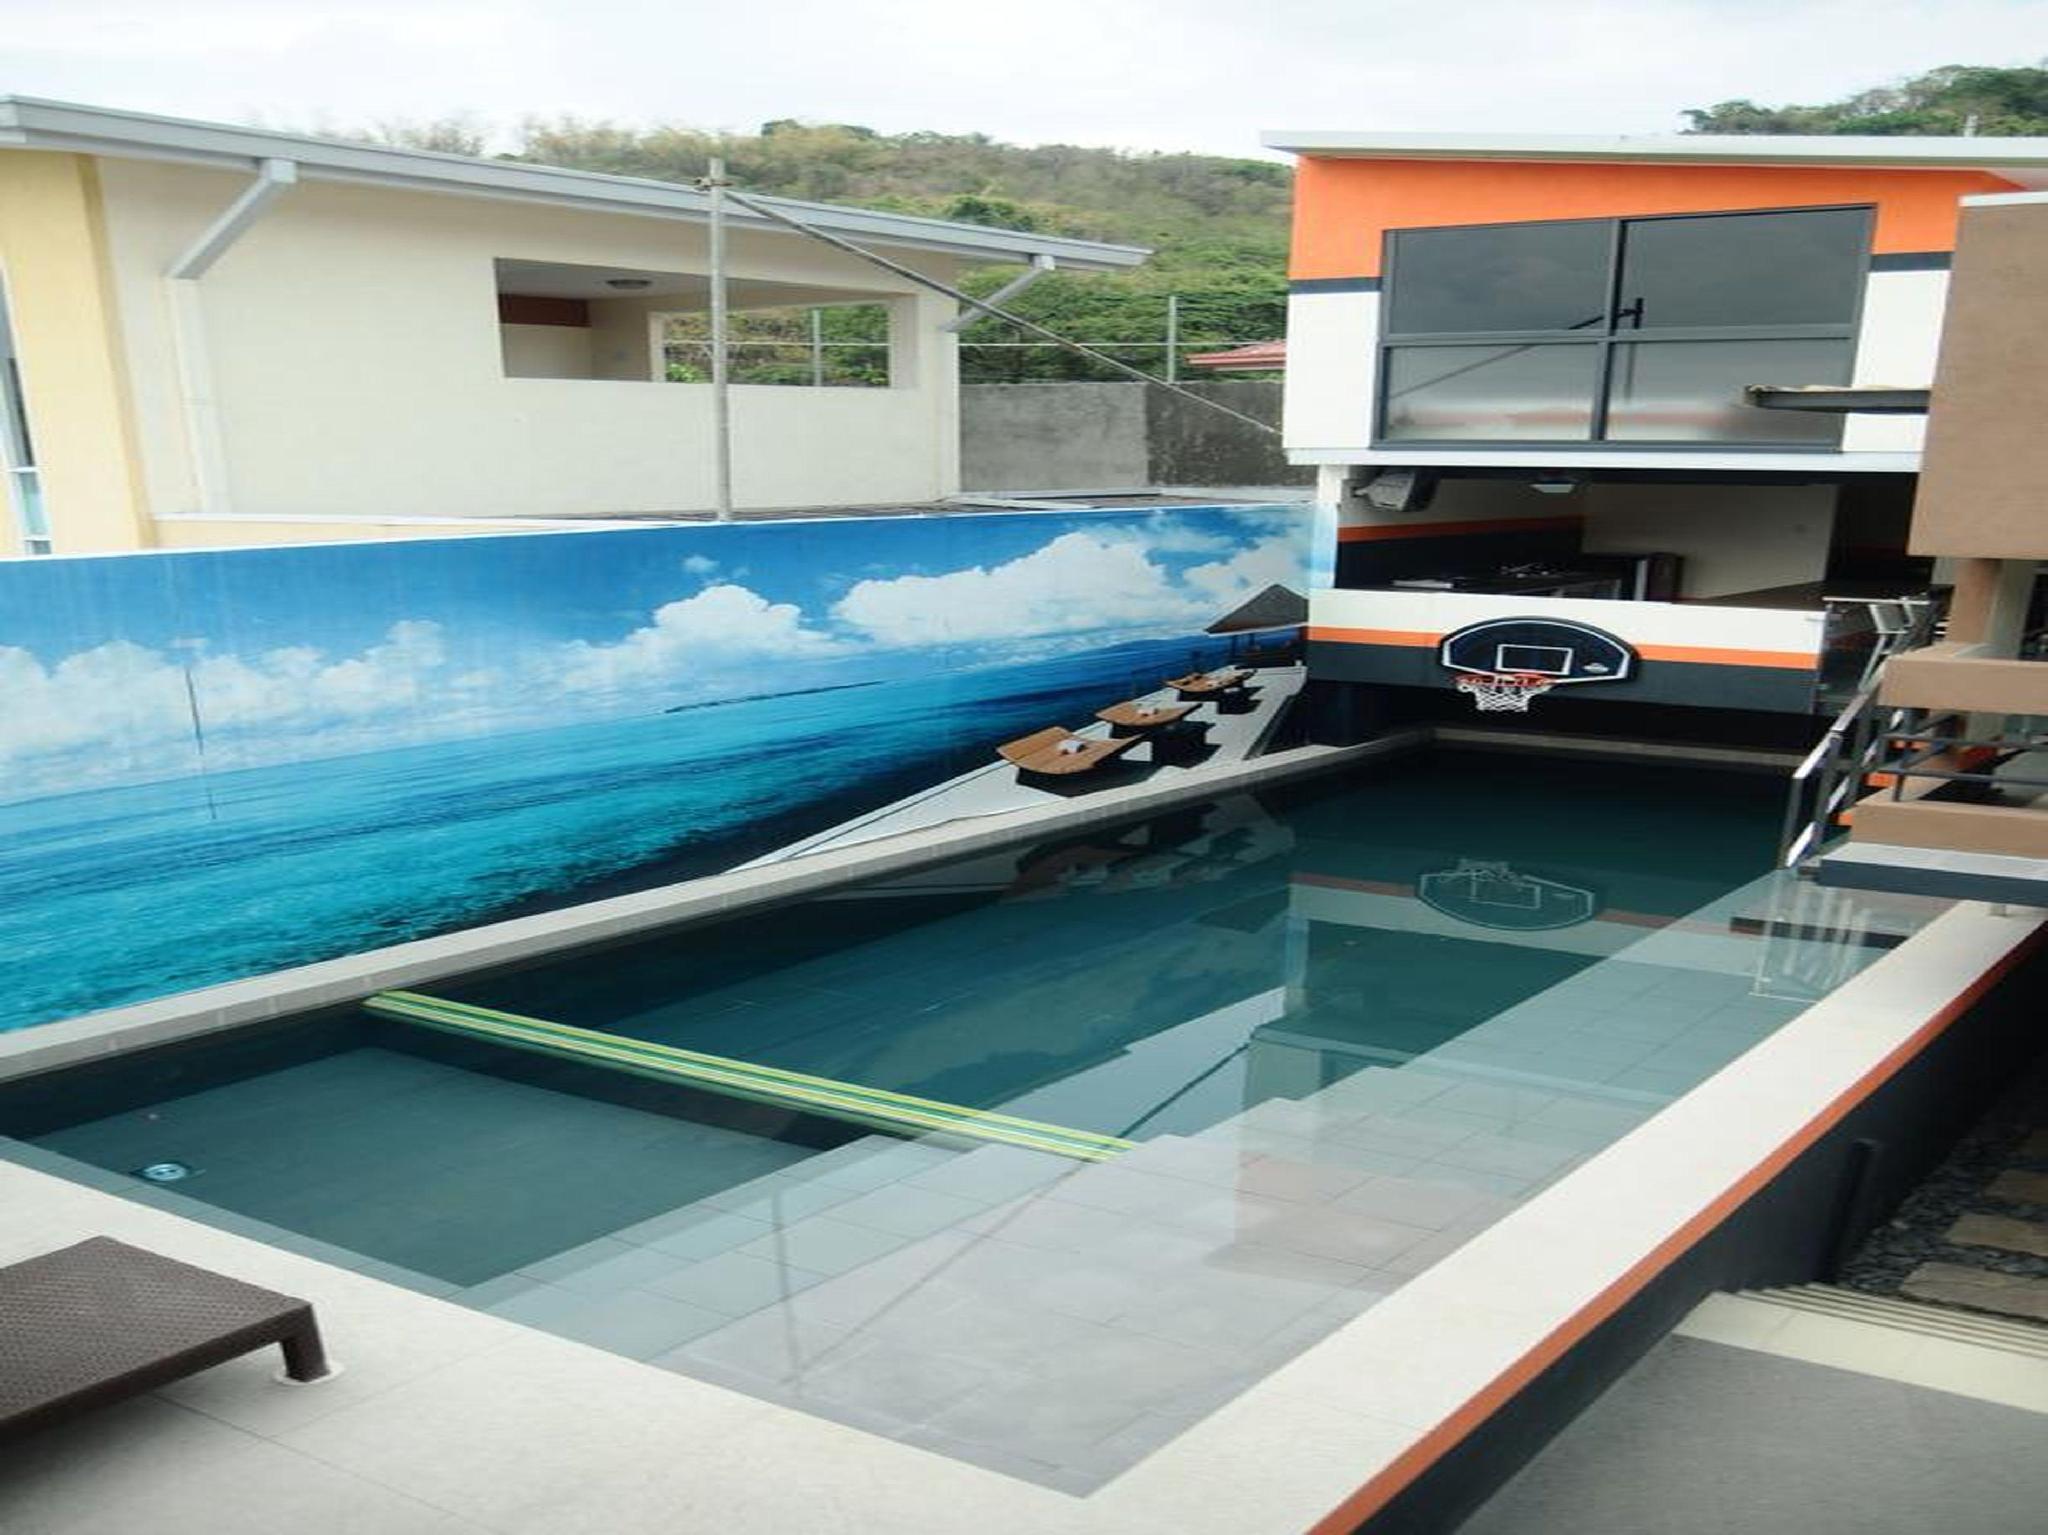 Los Baños Duplex Hotspring Resort Group Villa 1 in Philippines, Asia